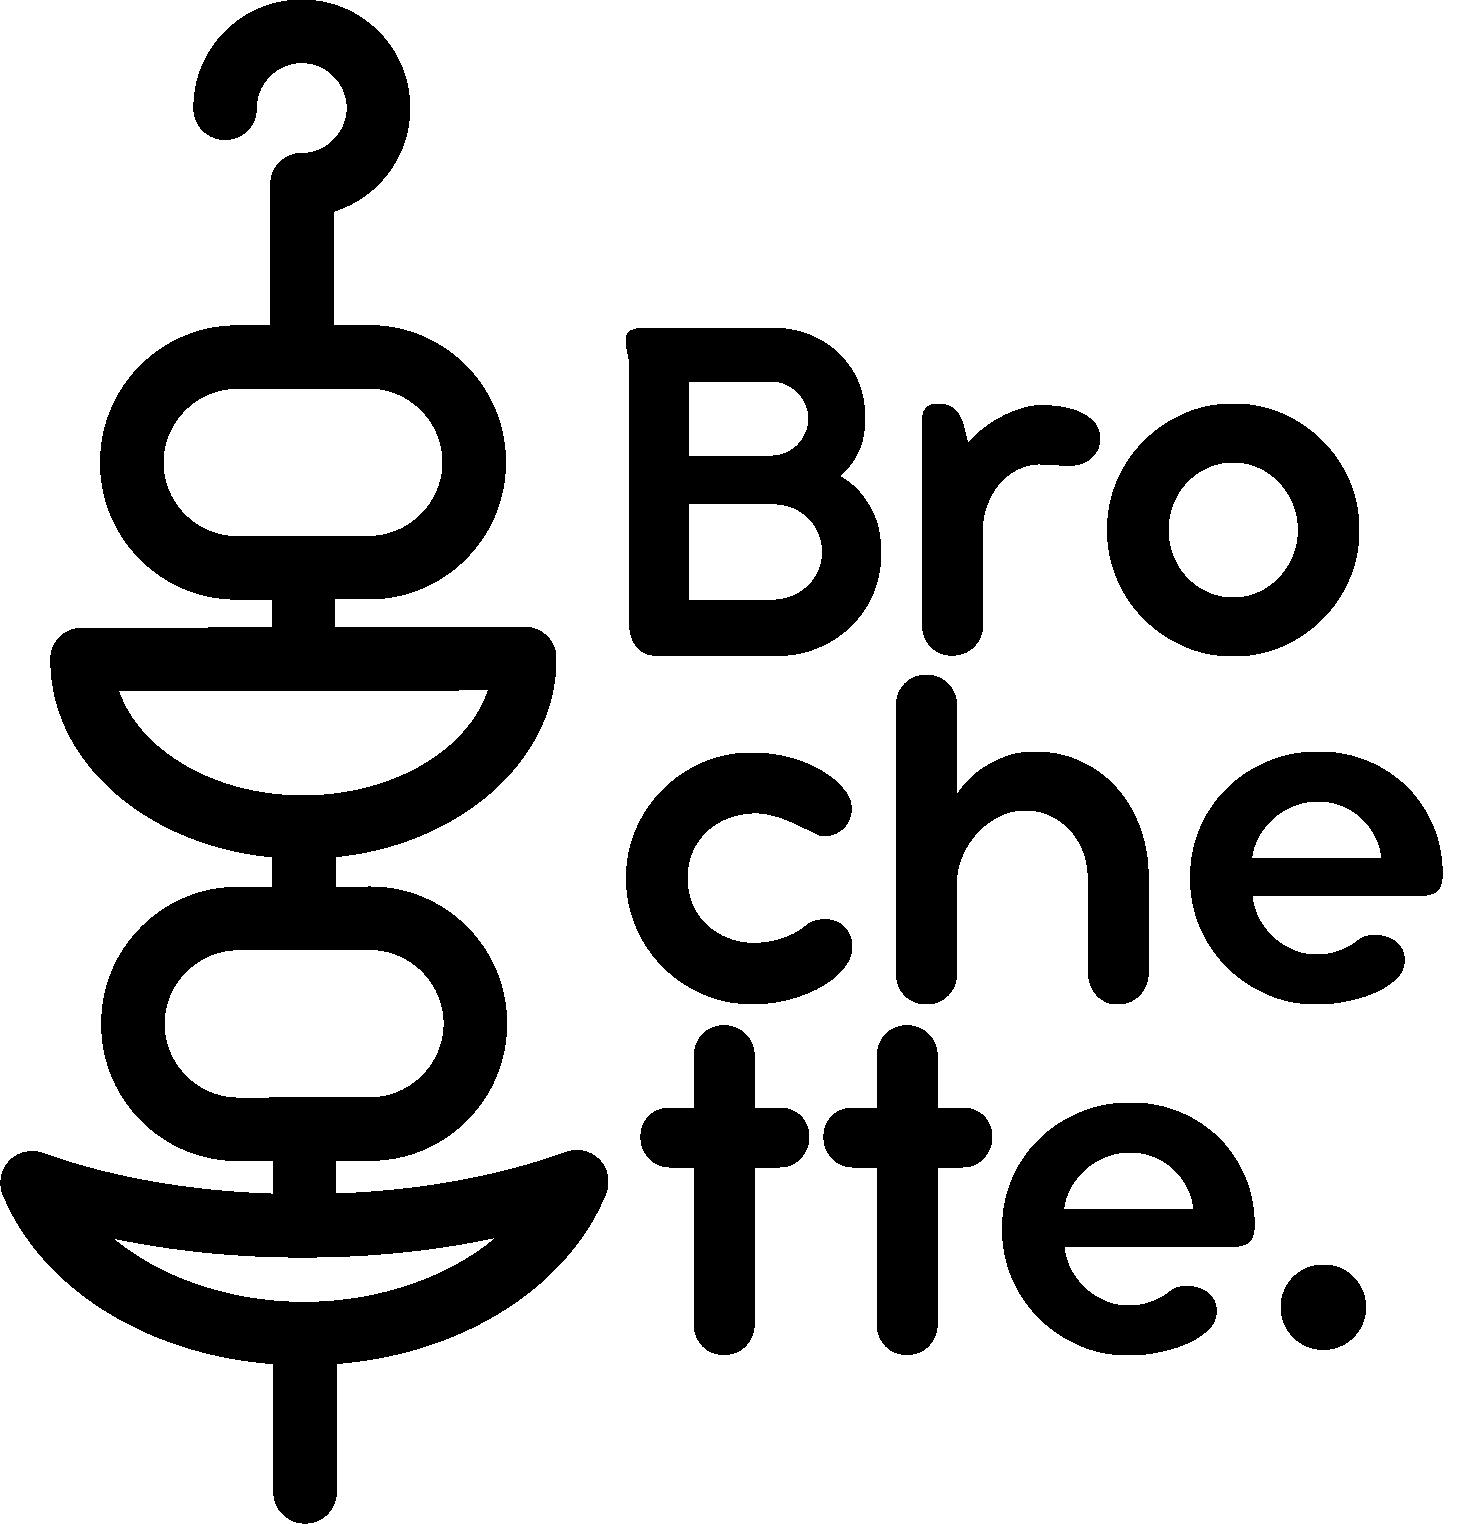 sc_services_image